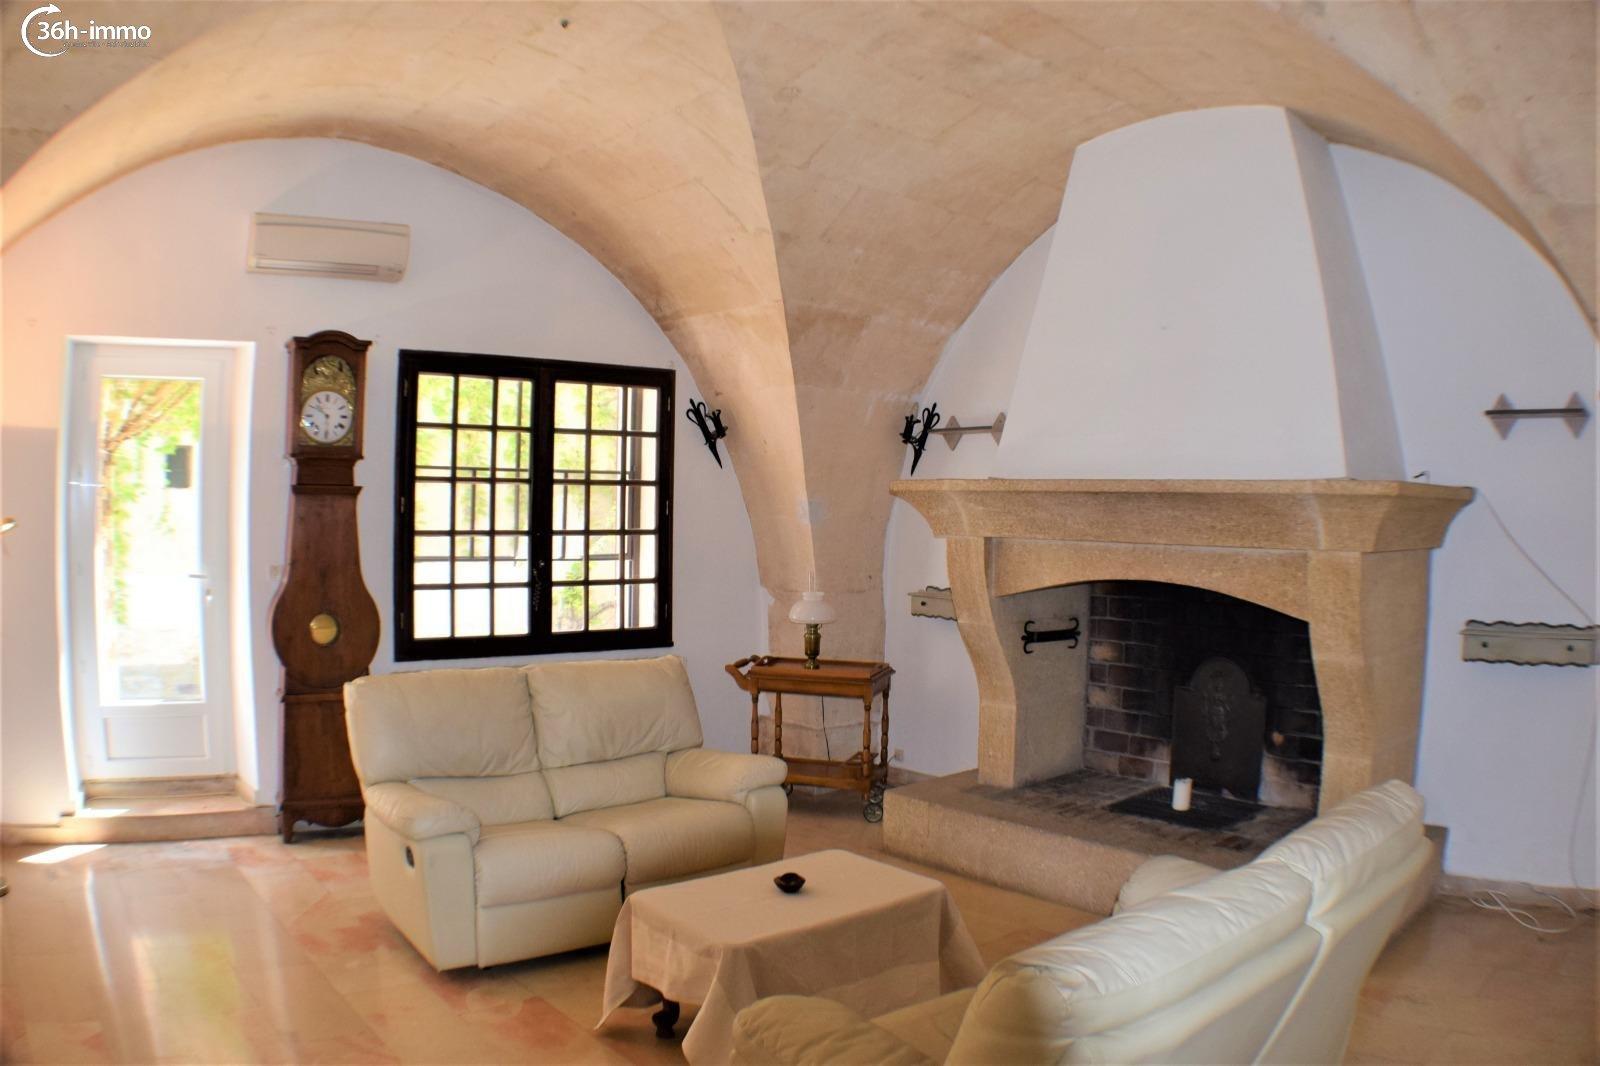 Maison Mouriès 13890 Bouches-du-Rhone 157 m<sup>2</sup> 4 pi&eagrave;ces 310000 euros